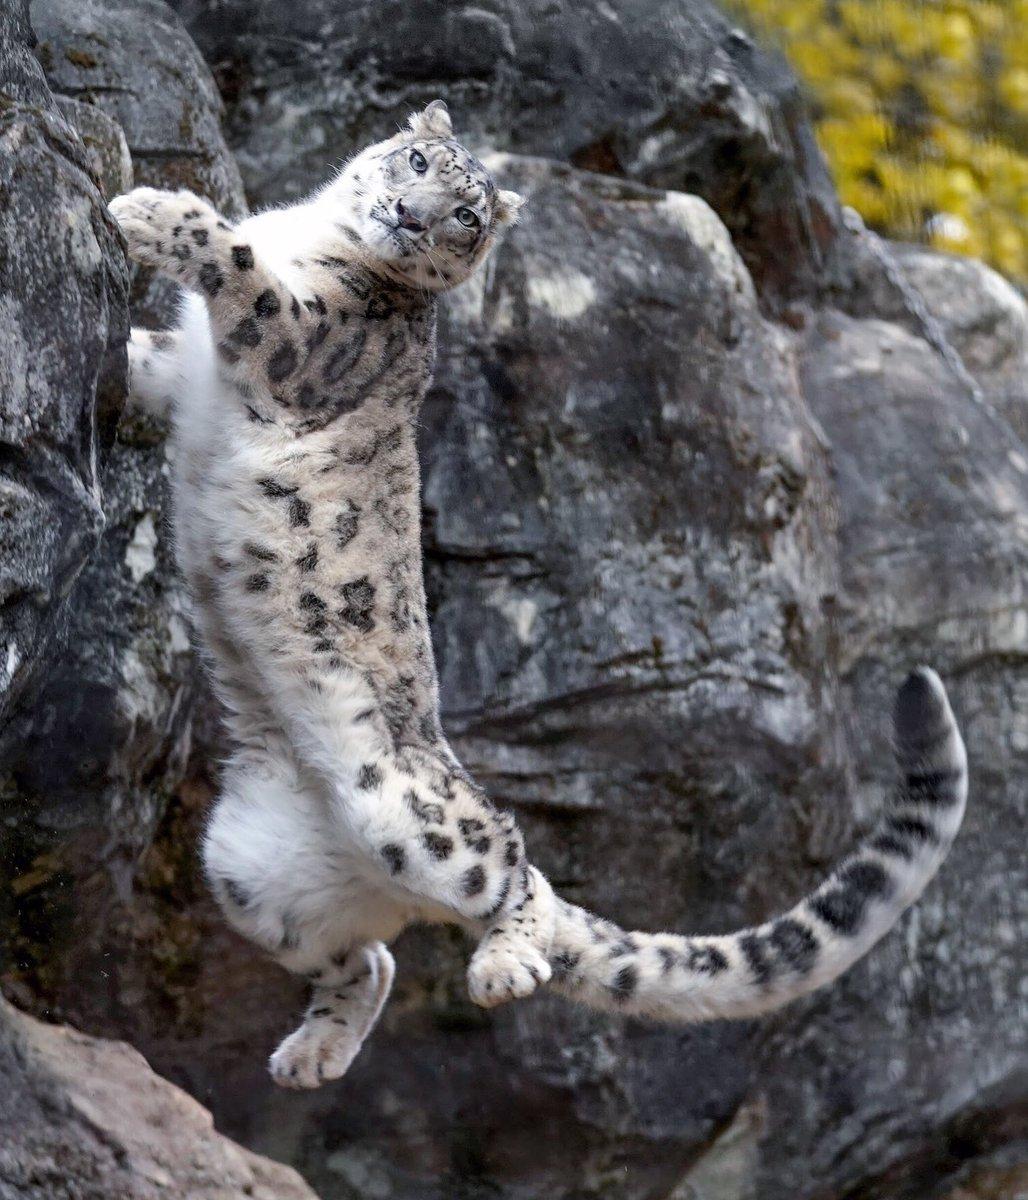 崖登りジャンプをして、落下していくミミと目が合うの図。#ユキヒョウ #多摩動物公園